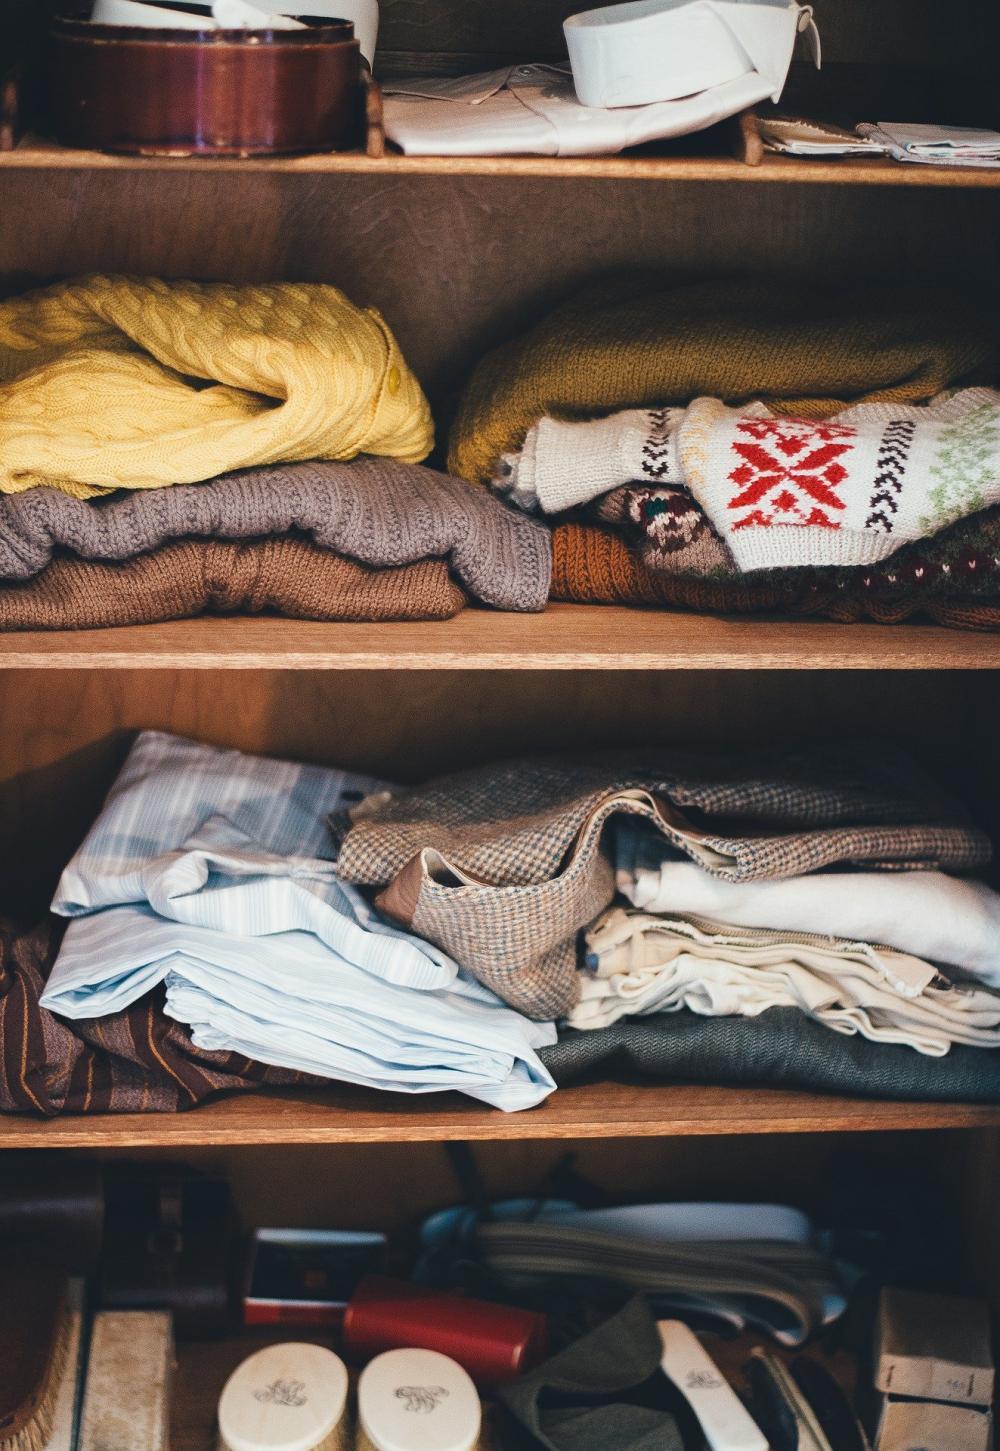 полки в шкафу, шкаф с полками, количество полок для одежды